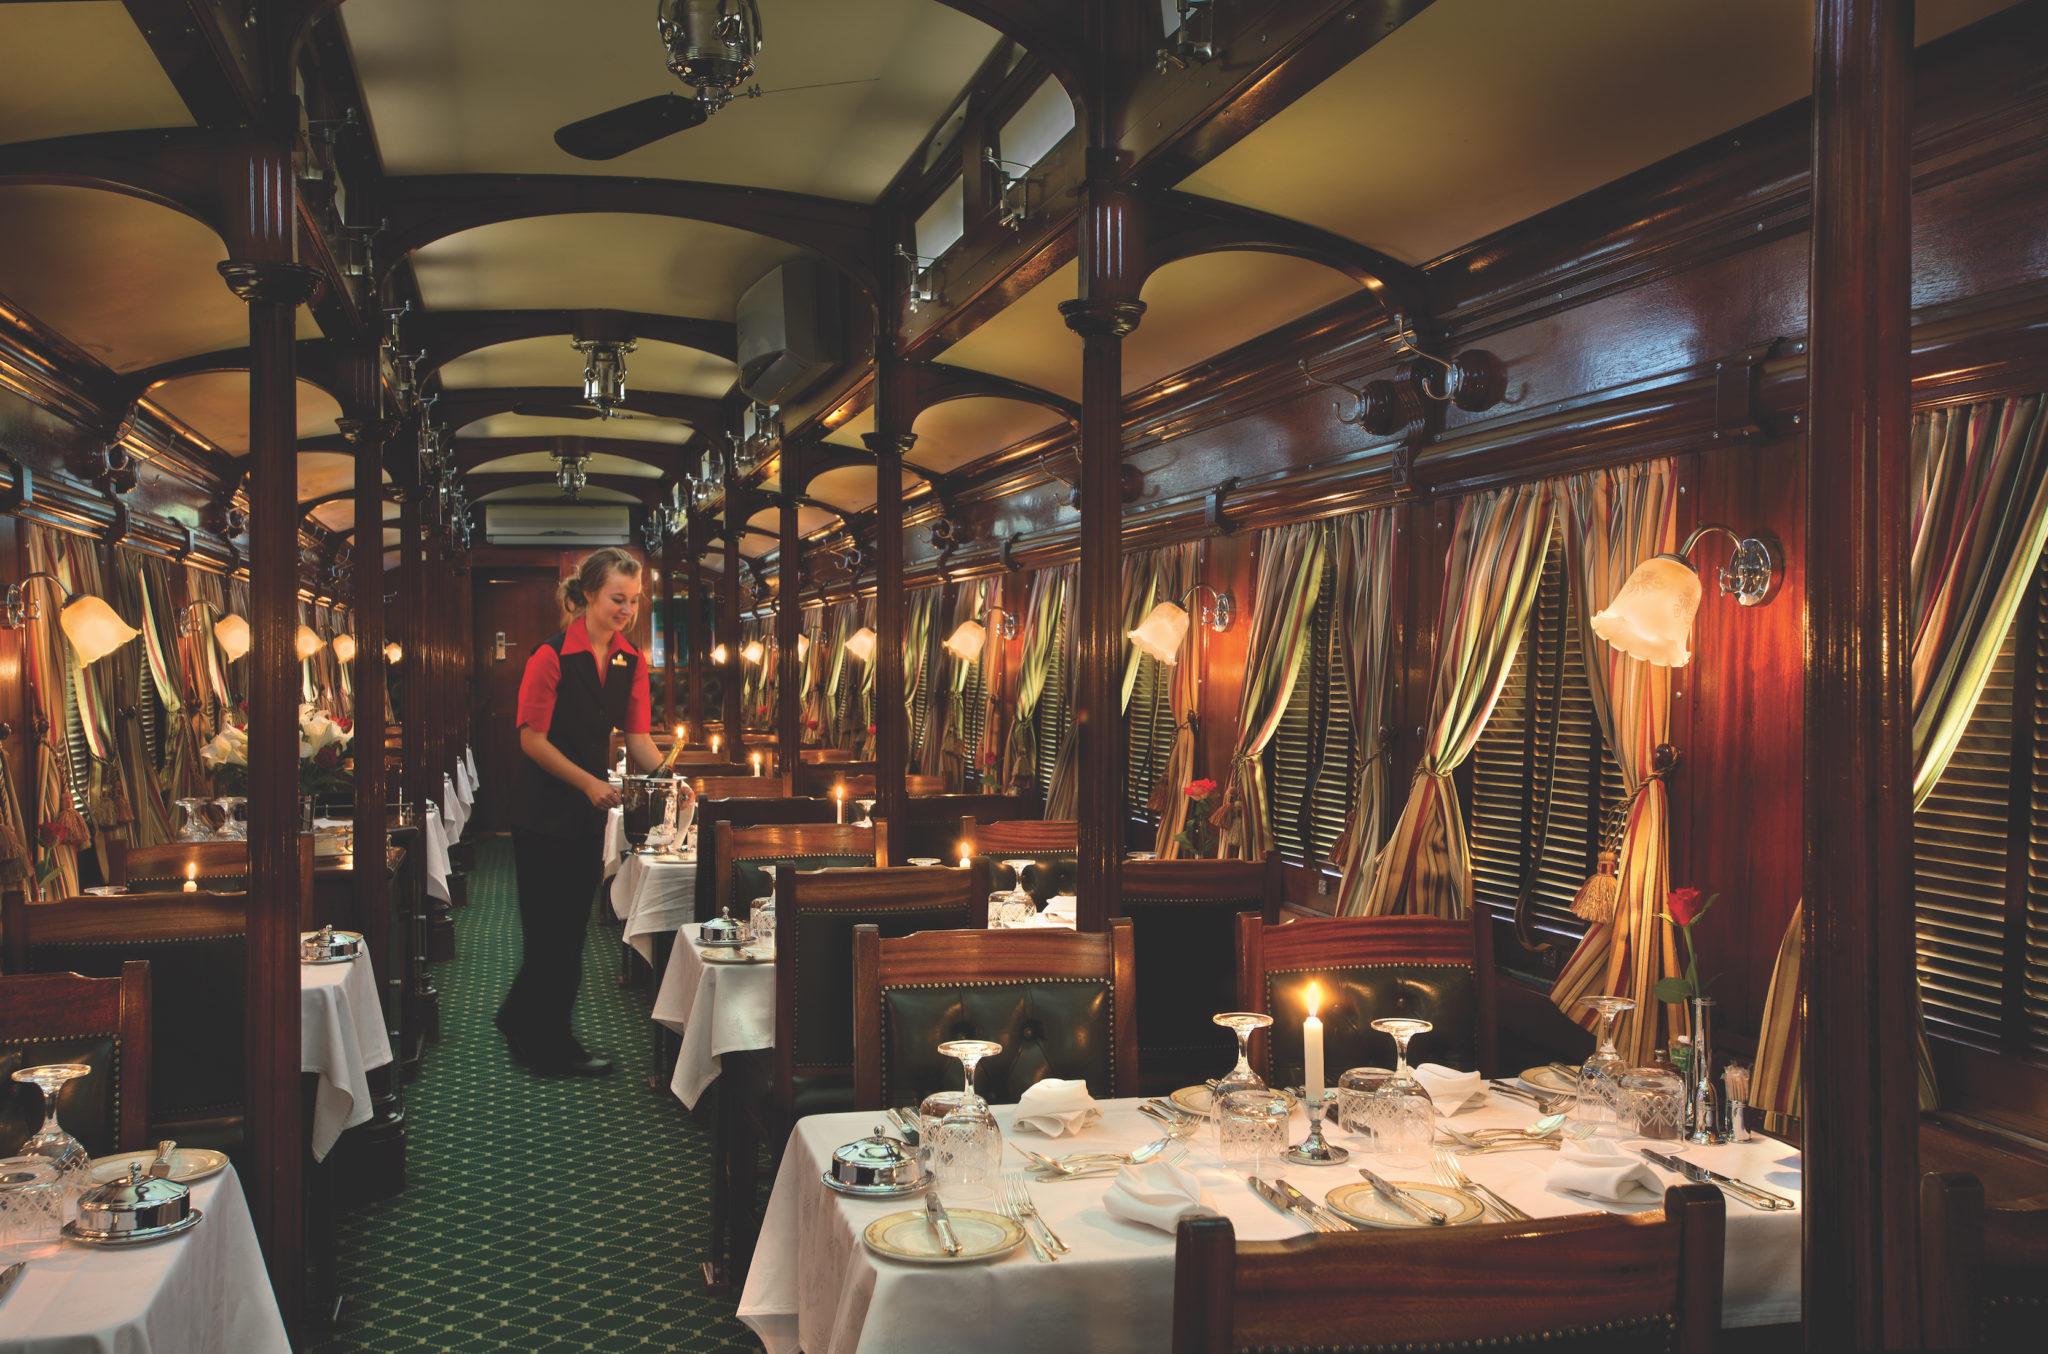 Zugreise mit Rovos Rail in Afrika. Speisewagen mit gedeckten Tischen und Einrichtung in britischem Kolonialstil, eine Kellnerin deckt einen Tisch.